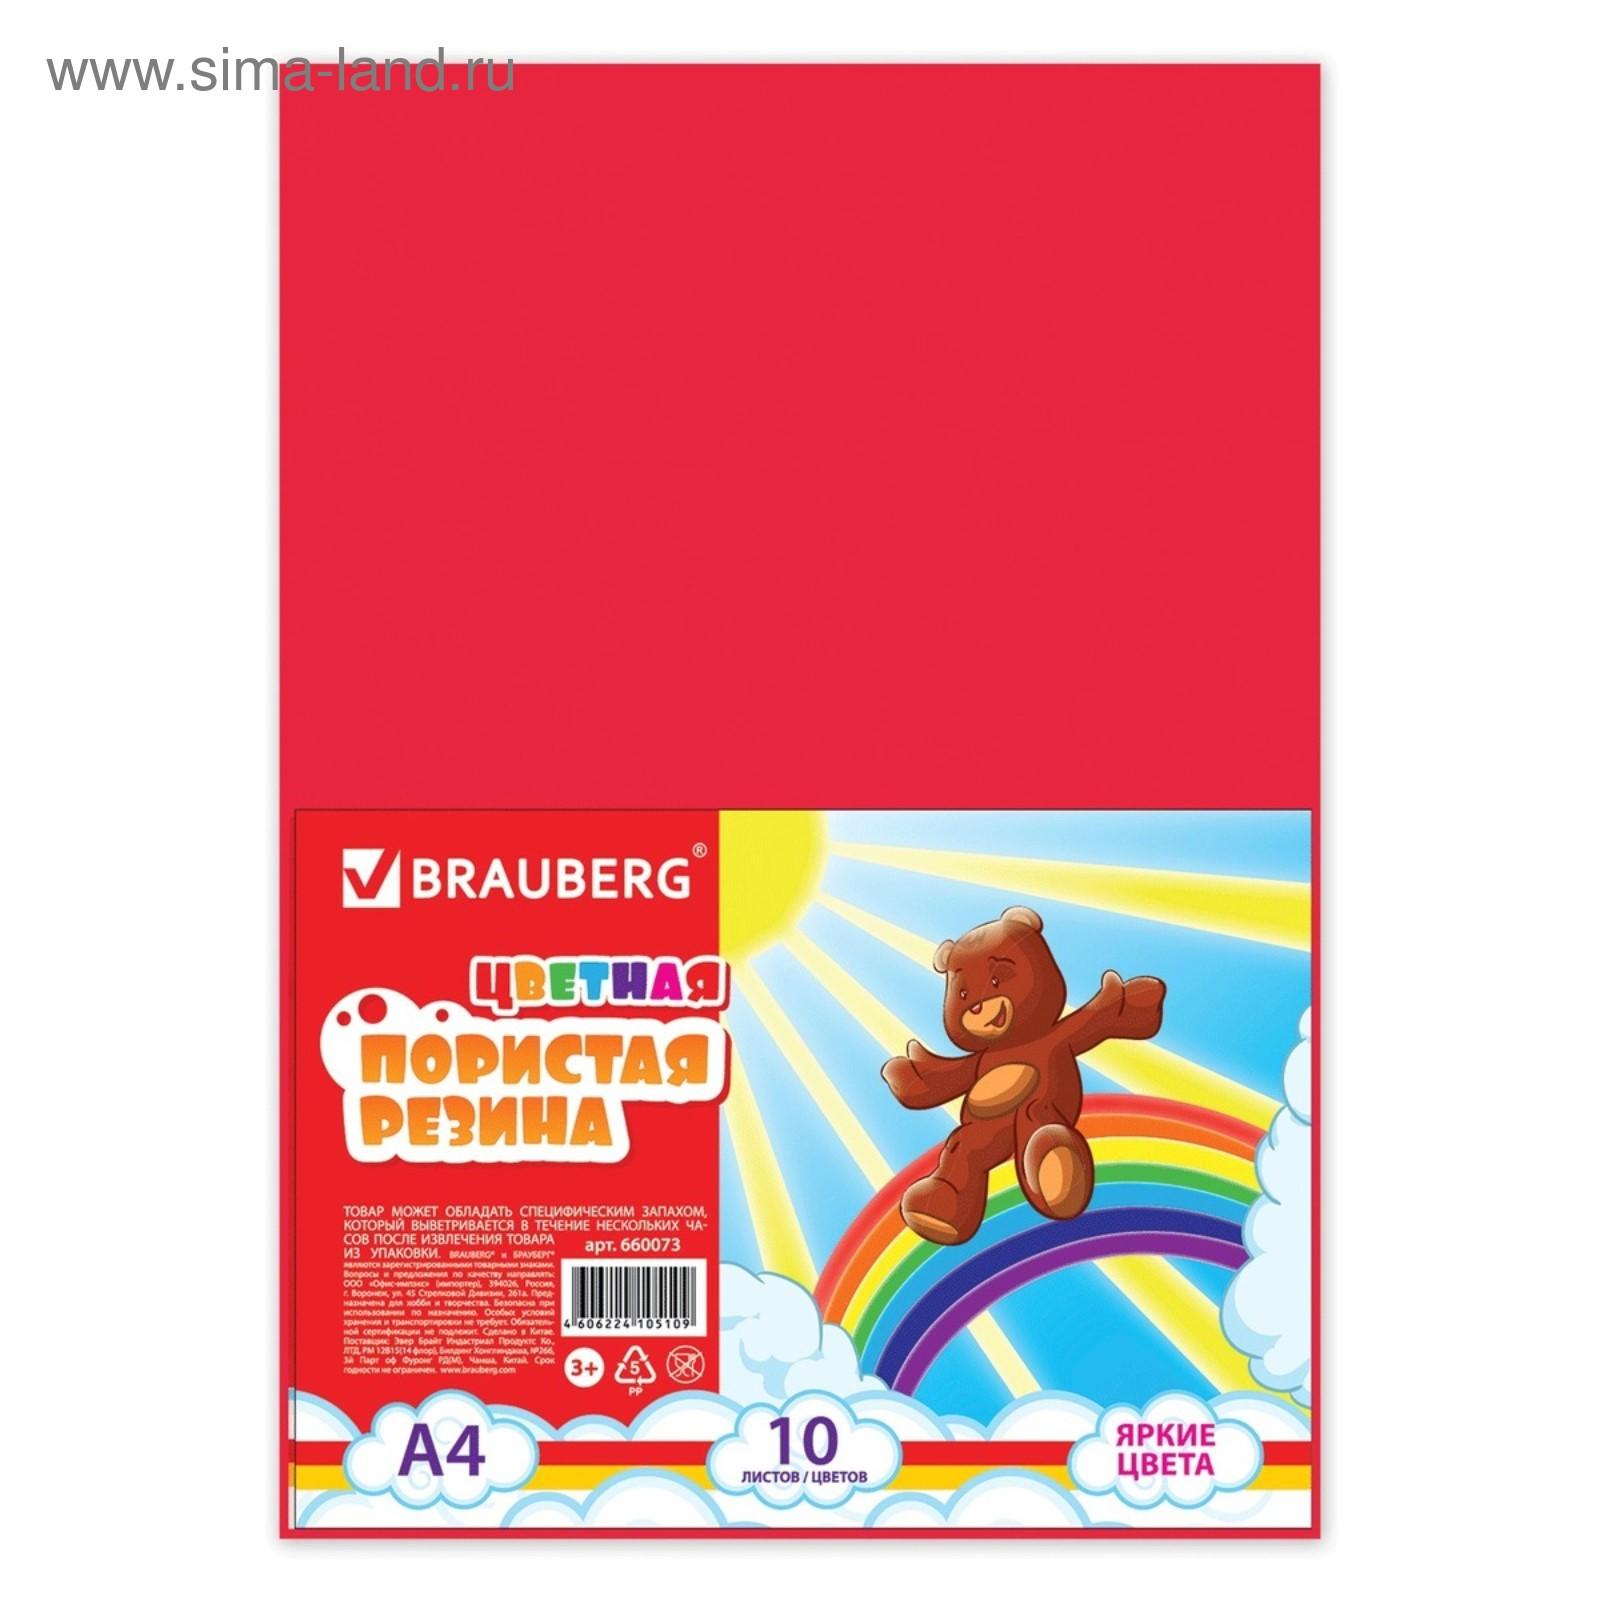 Новогодние подарки - благотворительная помощь Дому ребенка 11